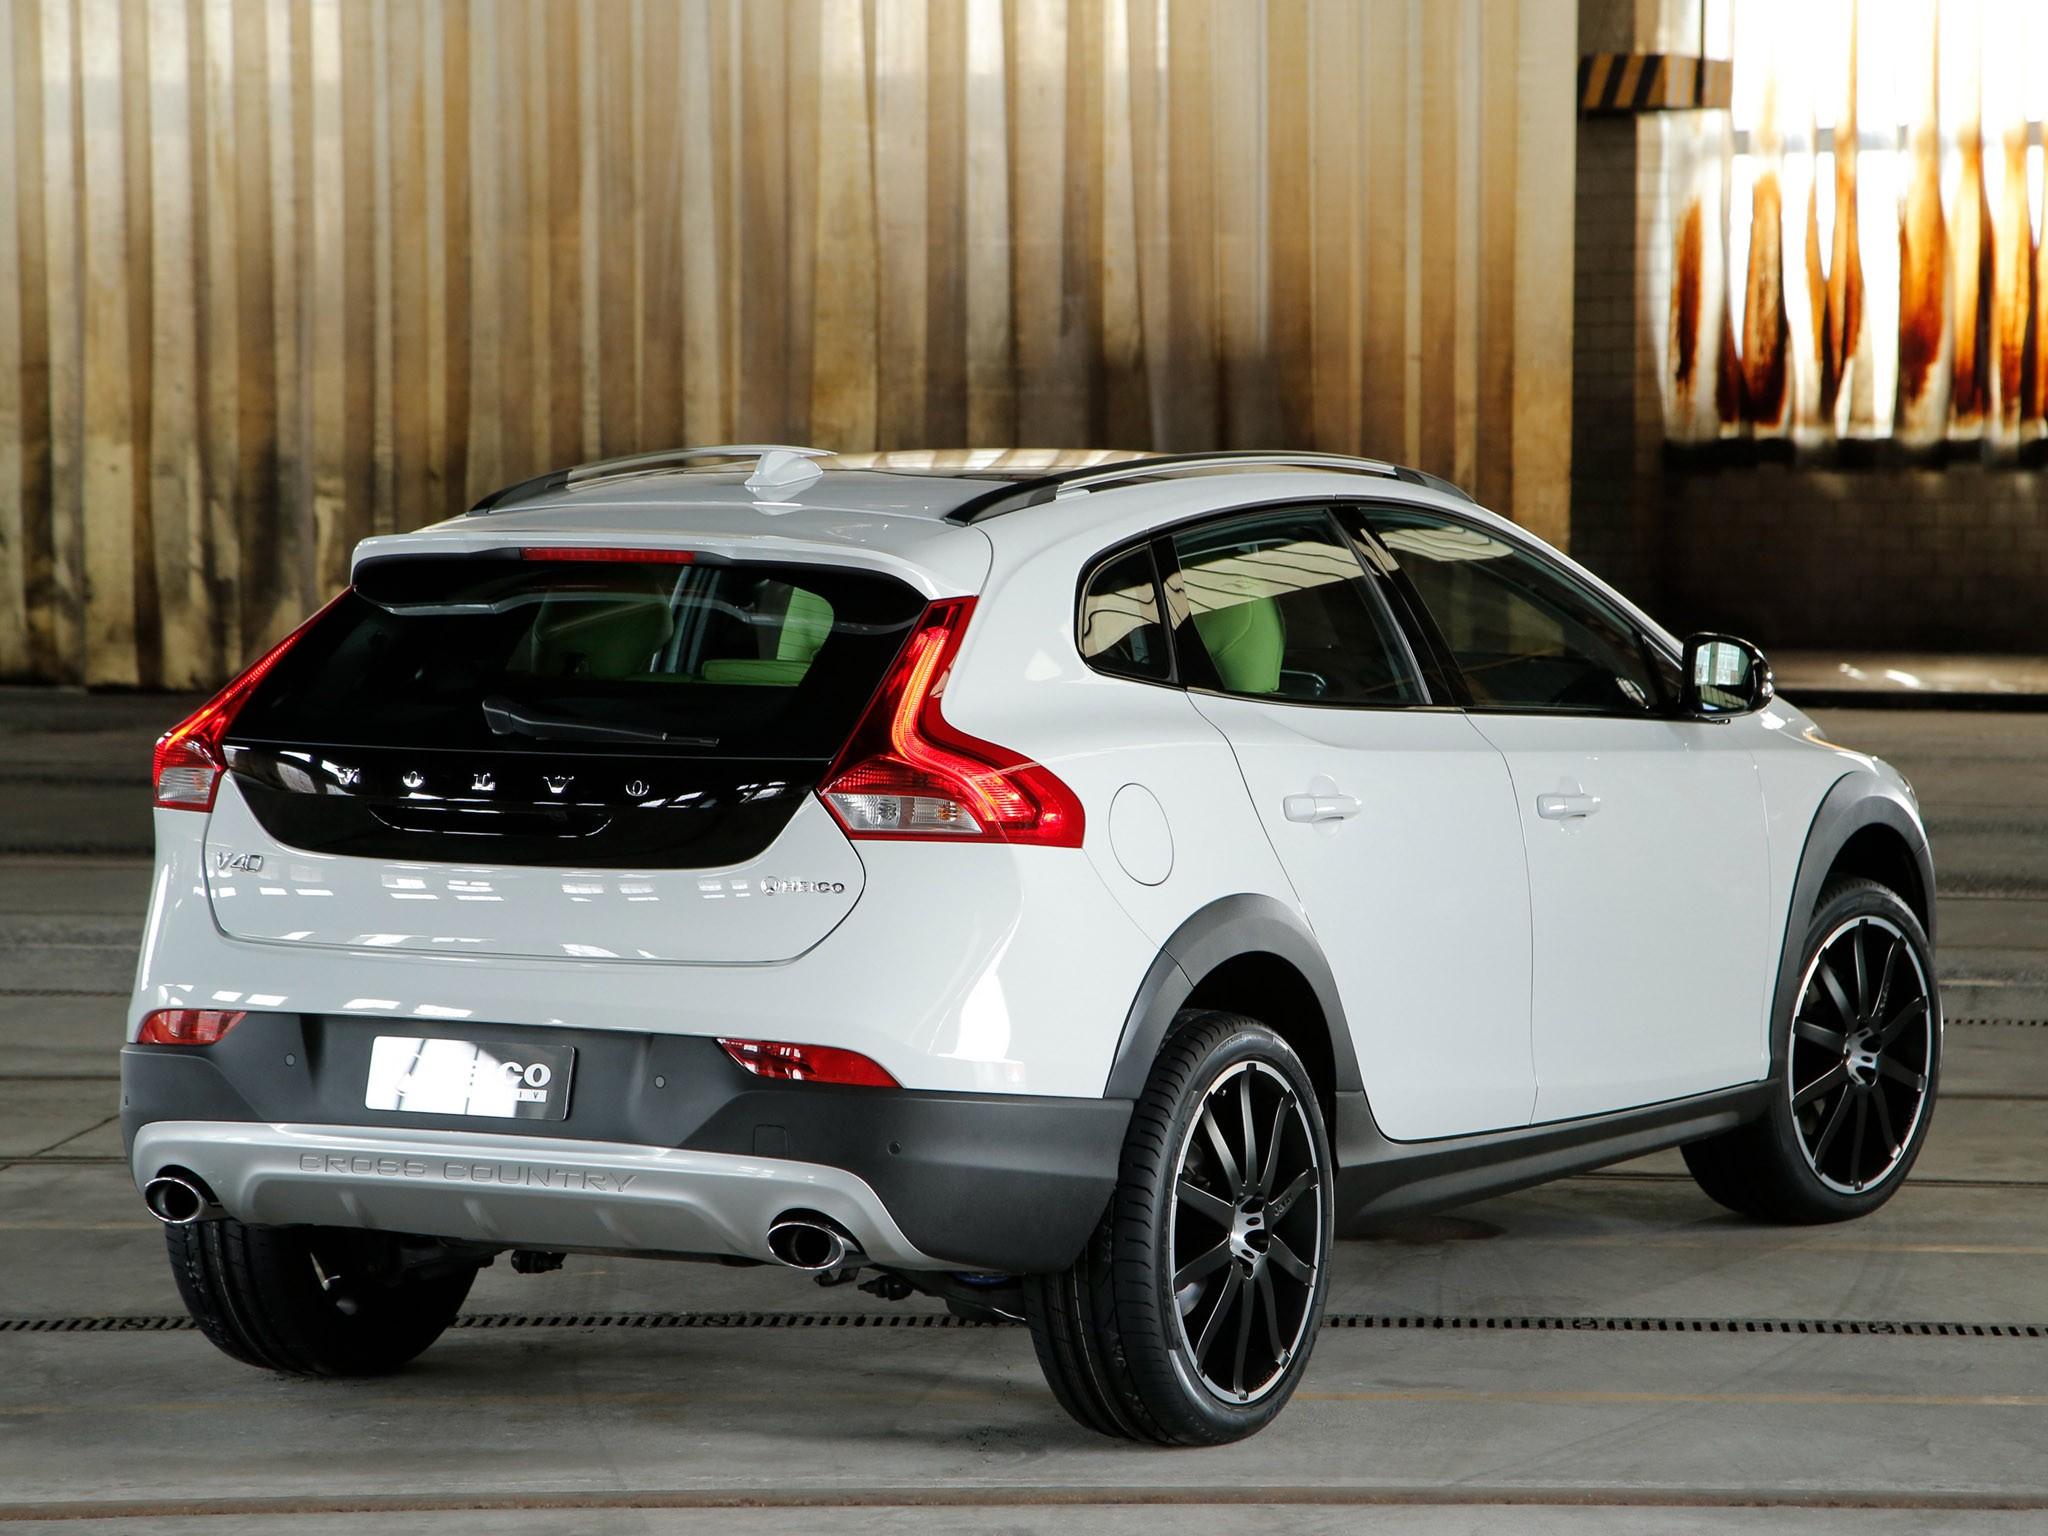 2014 Heico Sportiv - Volvo V40 cross country